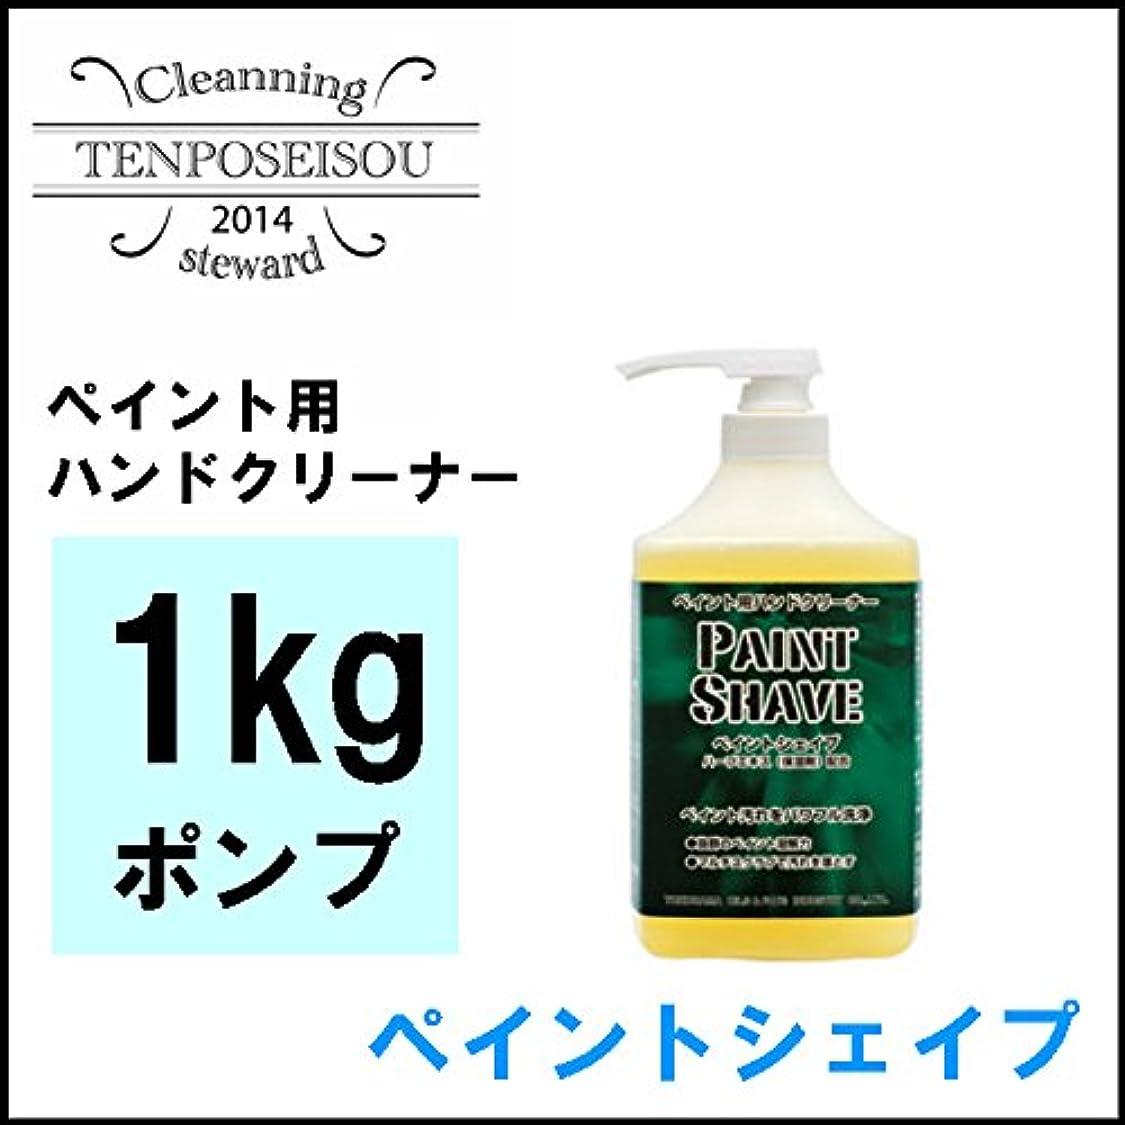 礼儀喜んで解く横浜油脂工業 ワンタッチクリーナープラス ポリボトル 2kg 4本セット